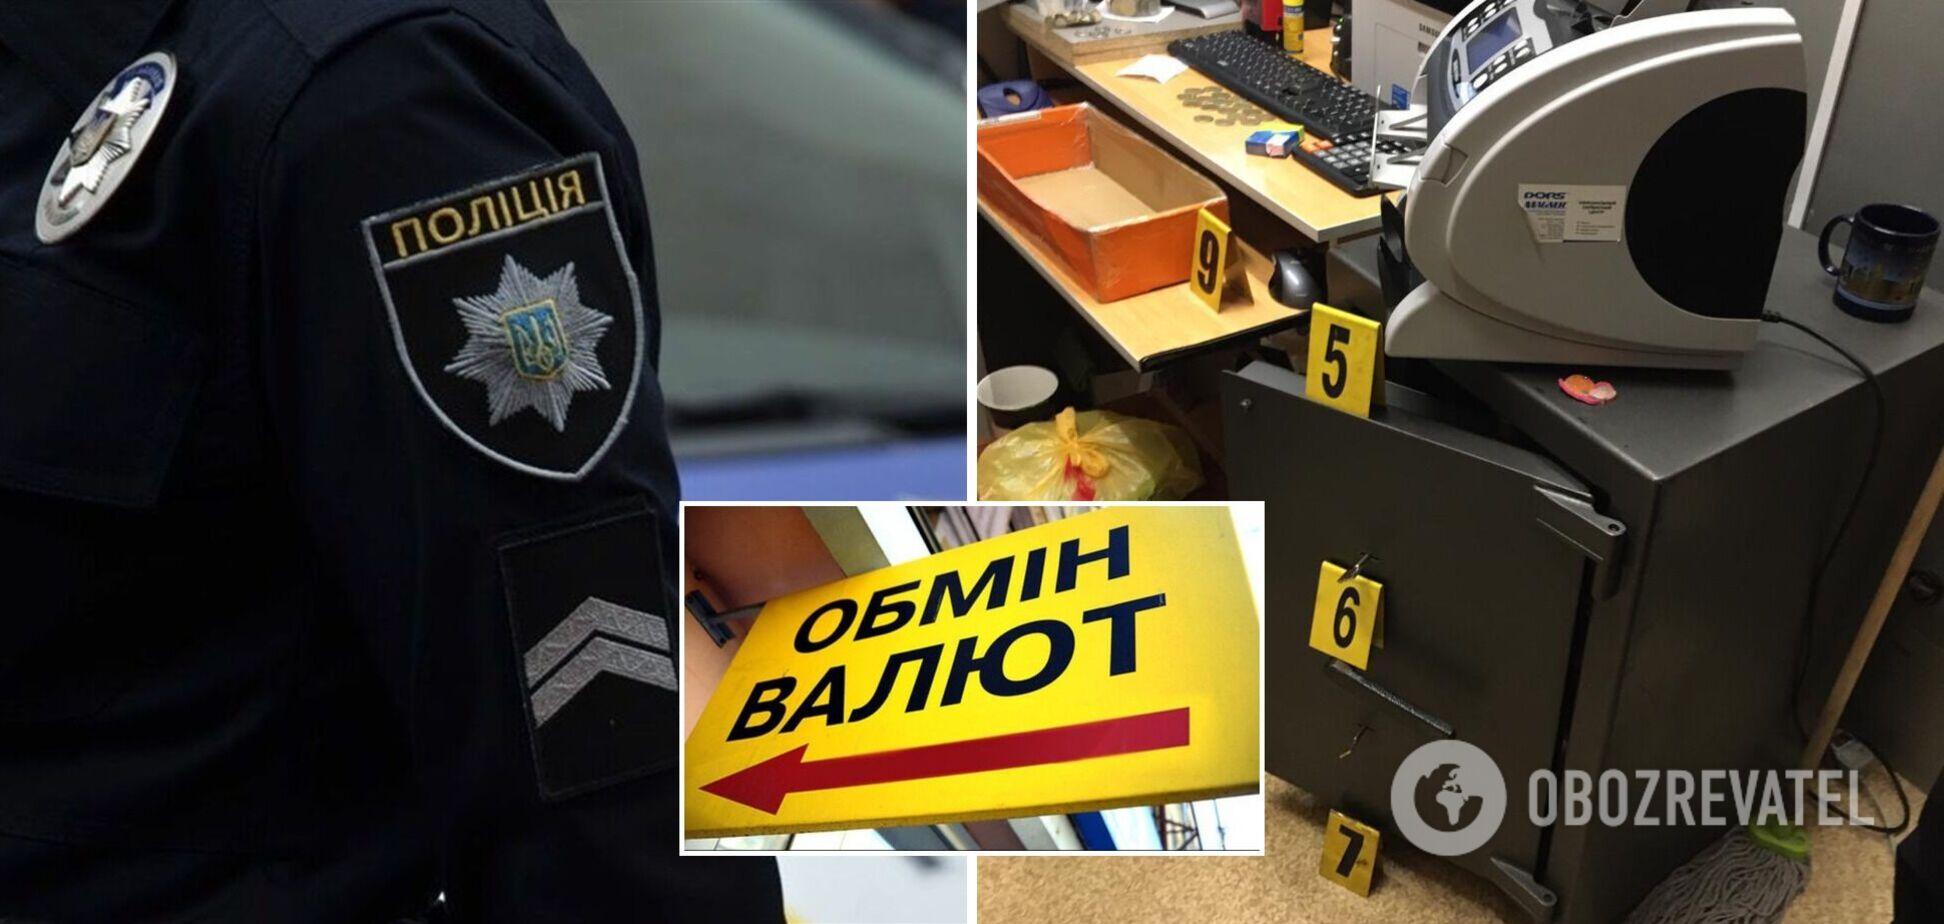 У Харкові невідомий пограбував обмінник на 1,6 млн грн. Фото